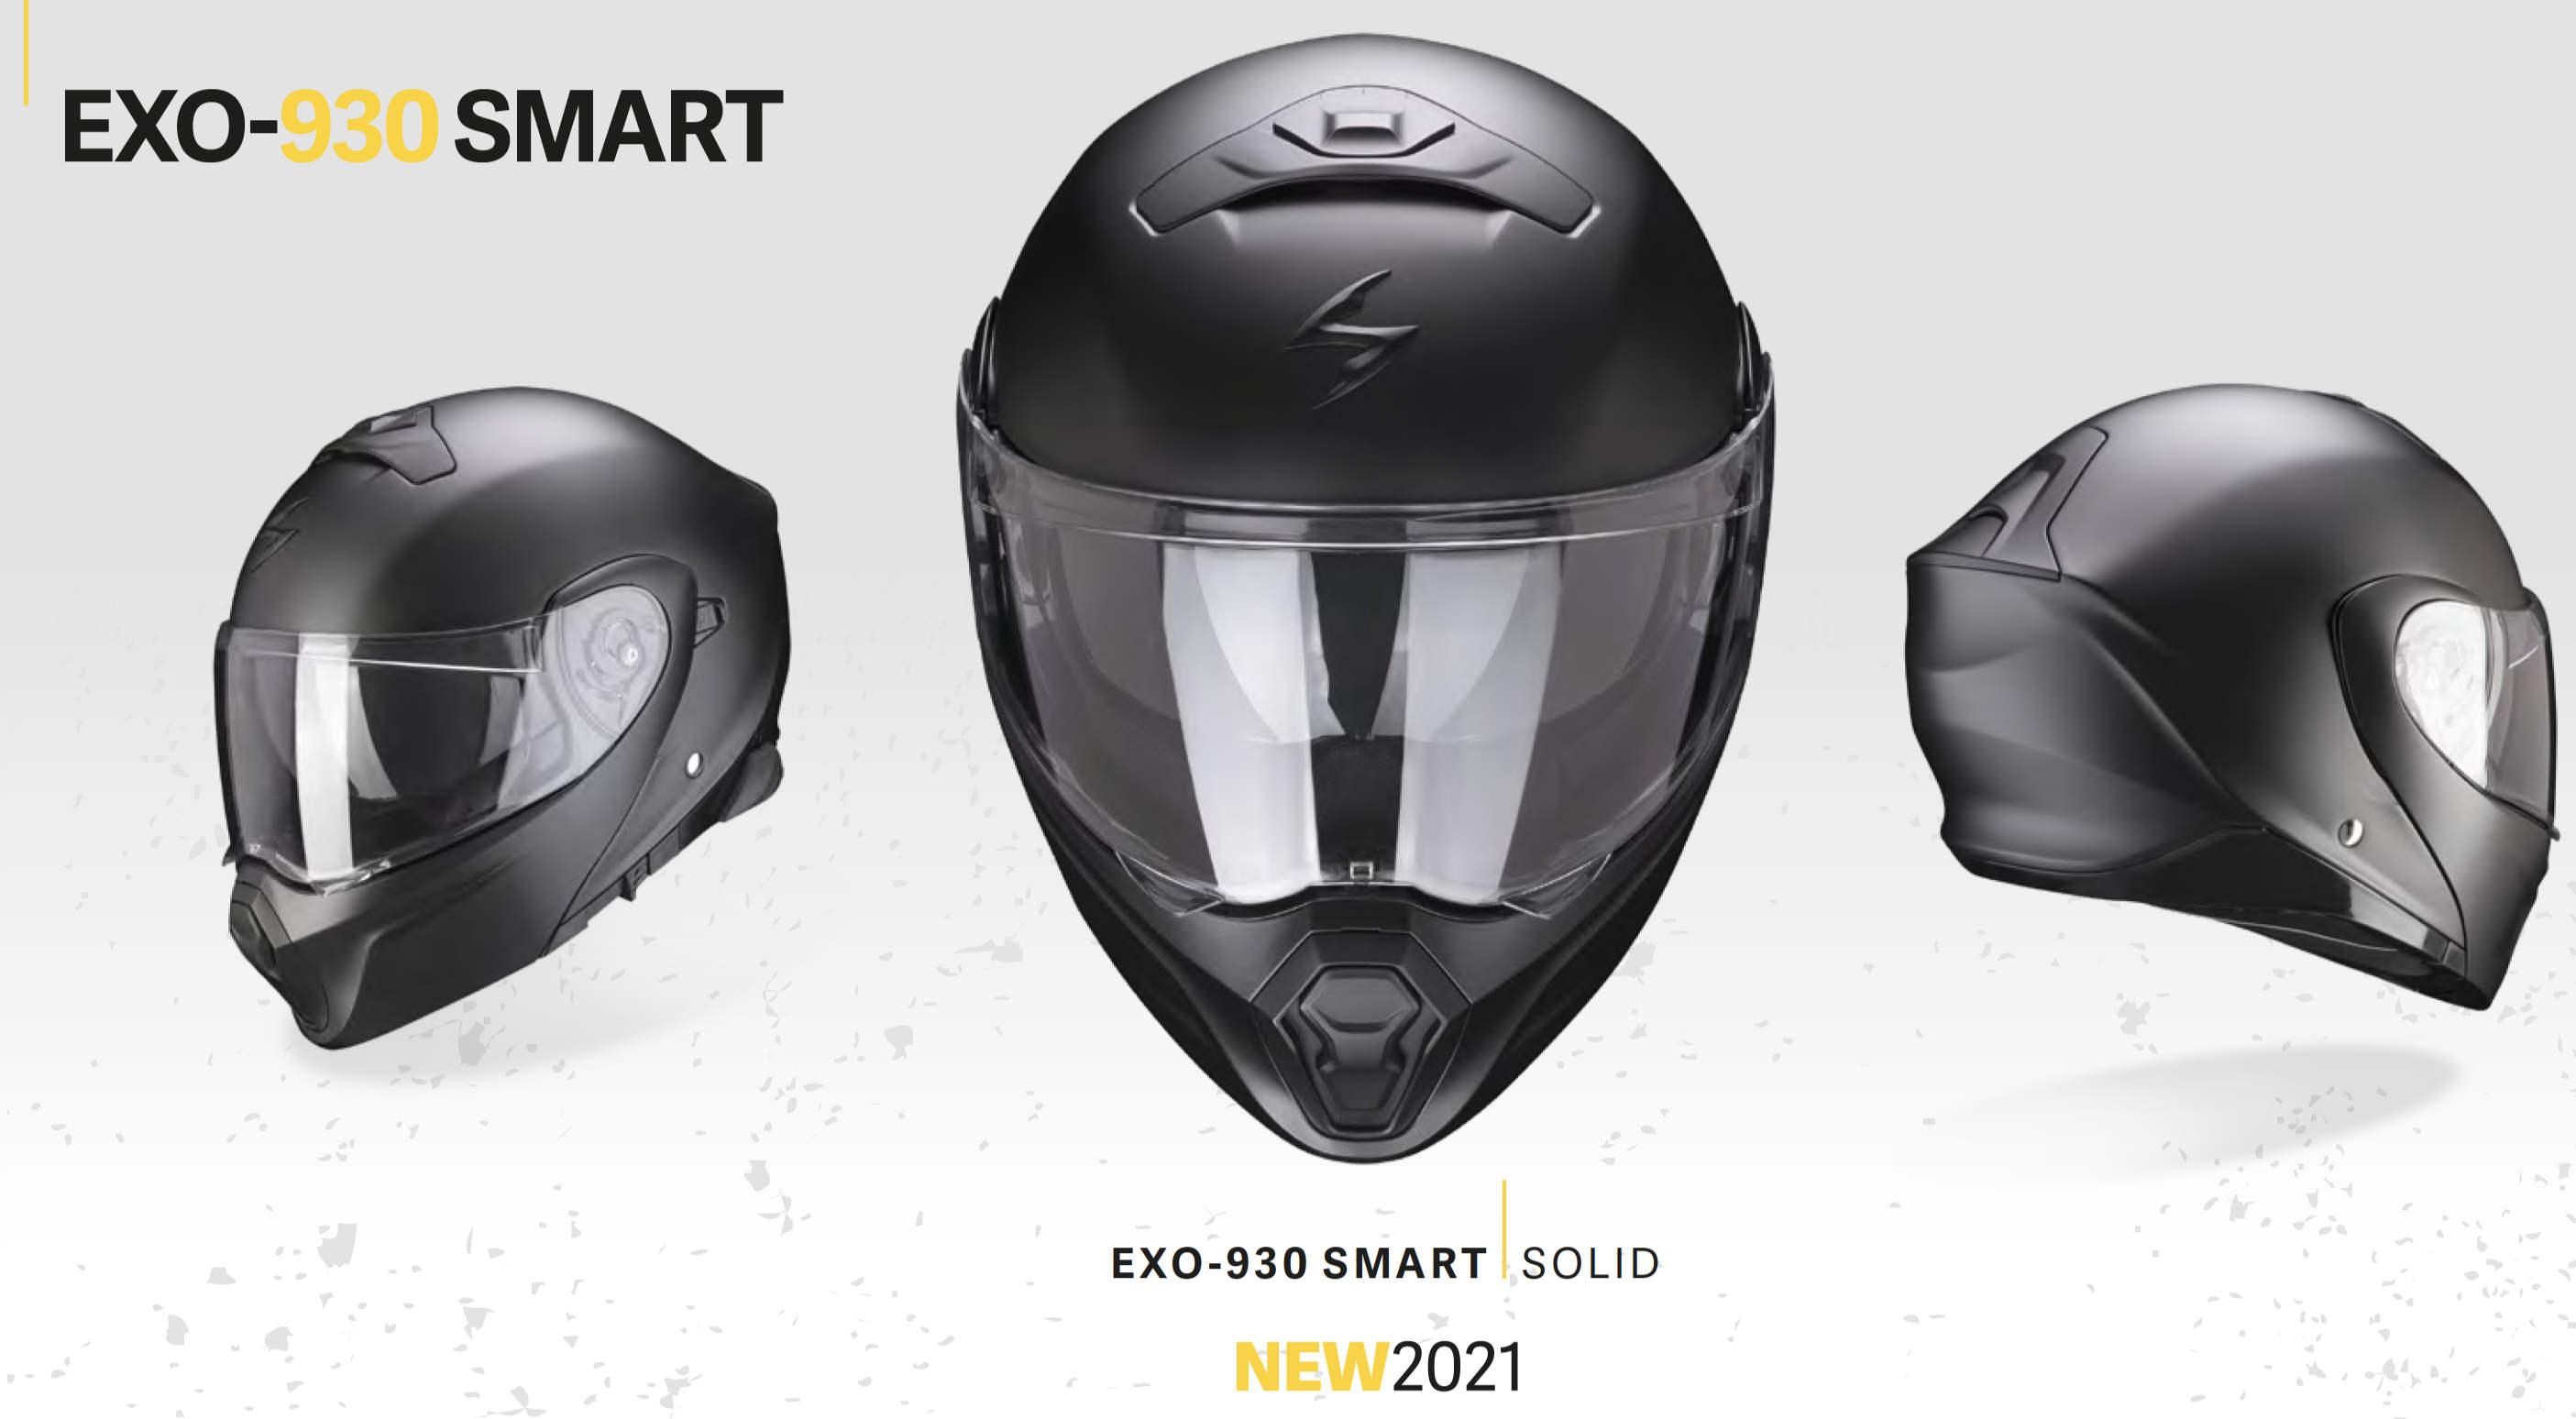 exo-930-smart